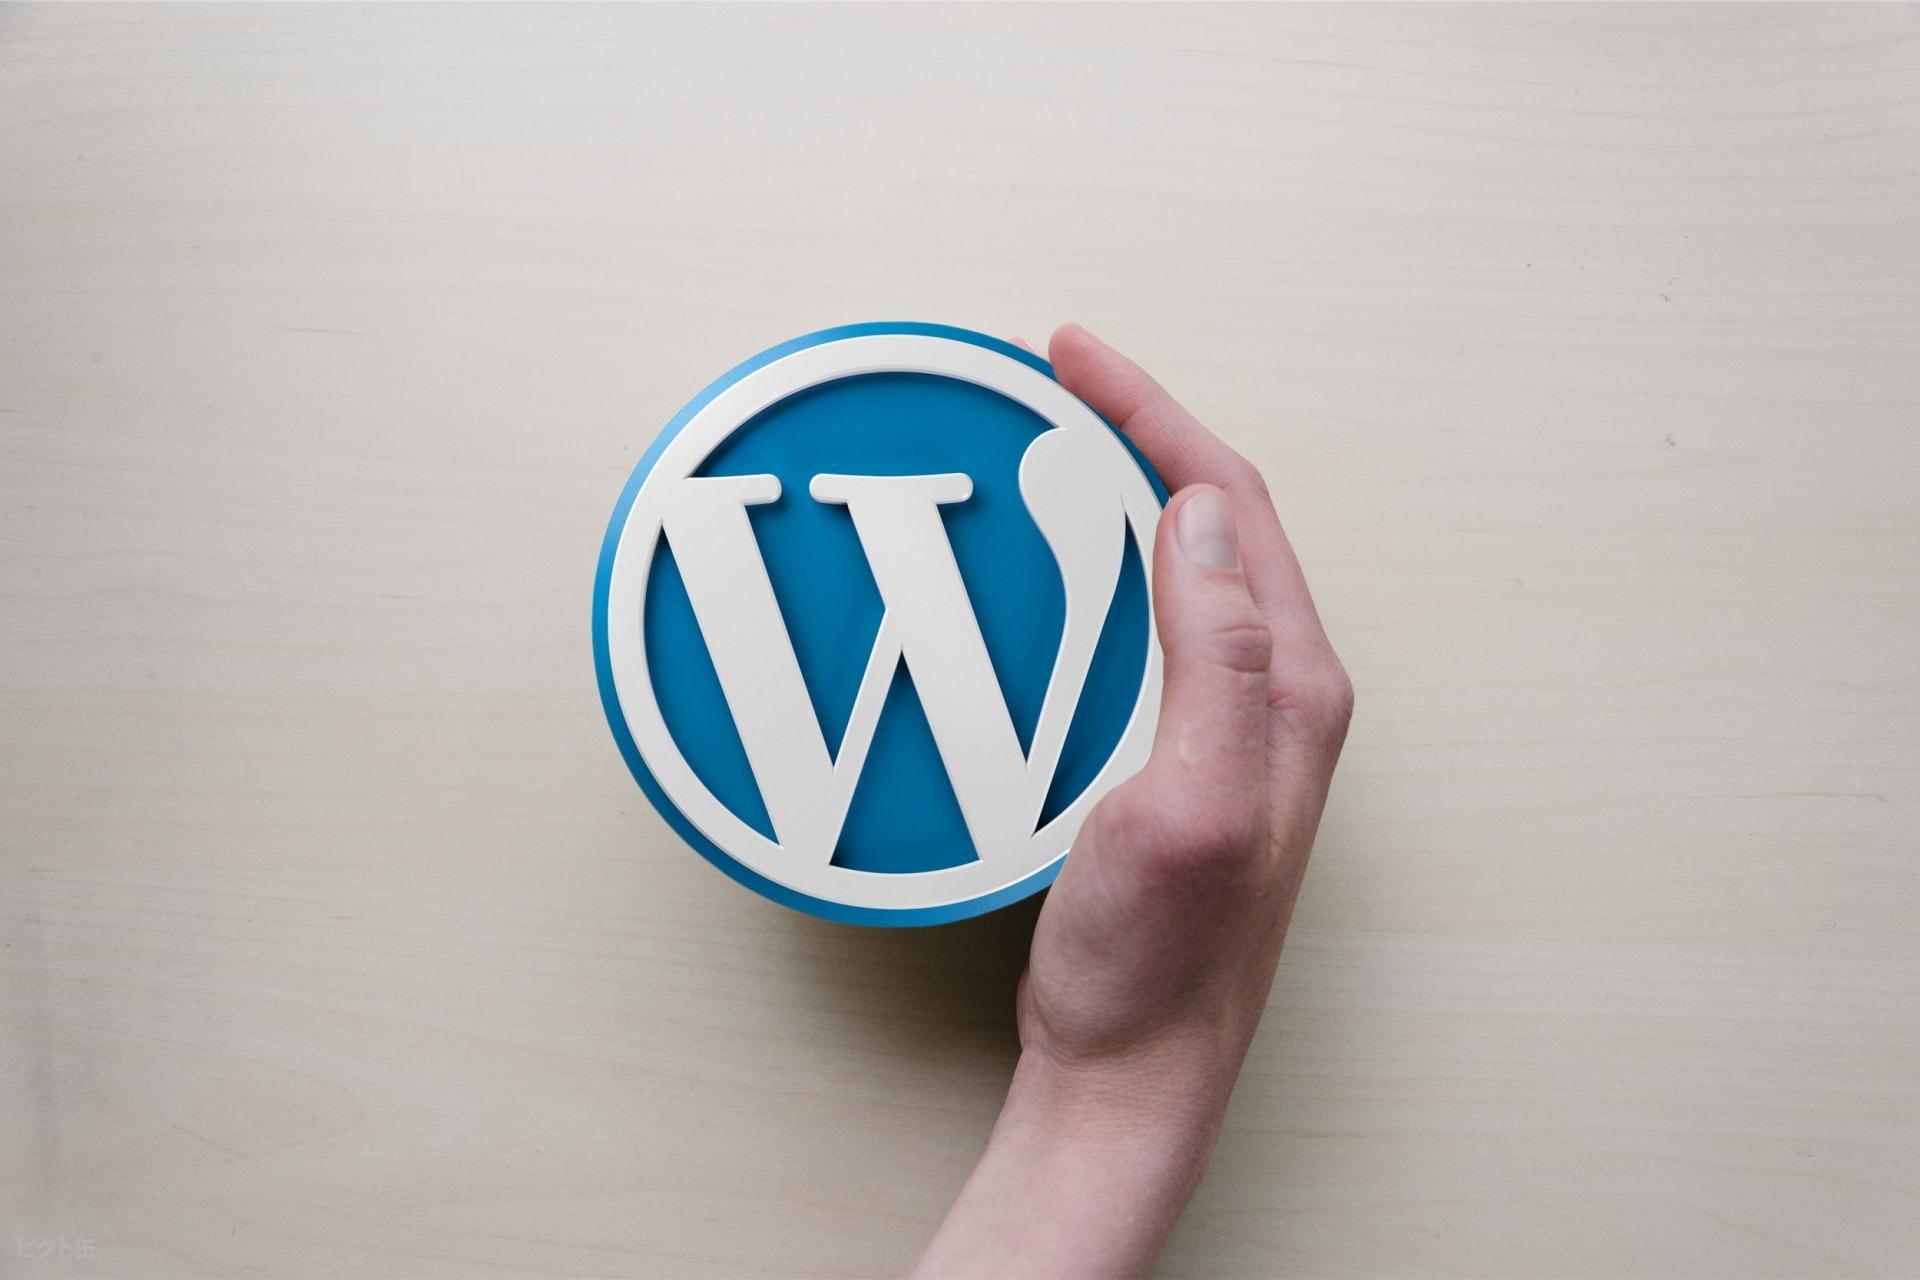 WordPressでサイト内検索を設置する方法を解説